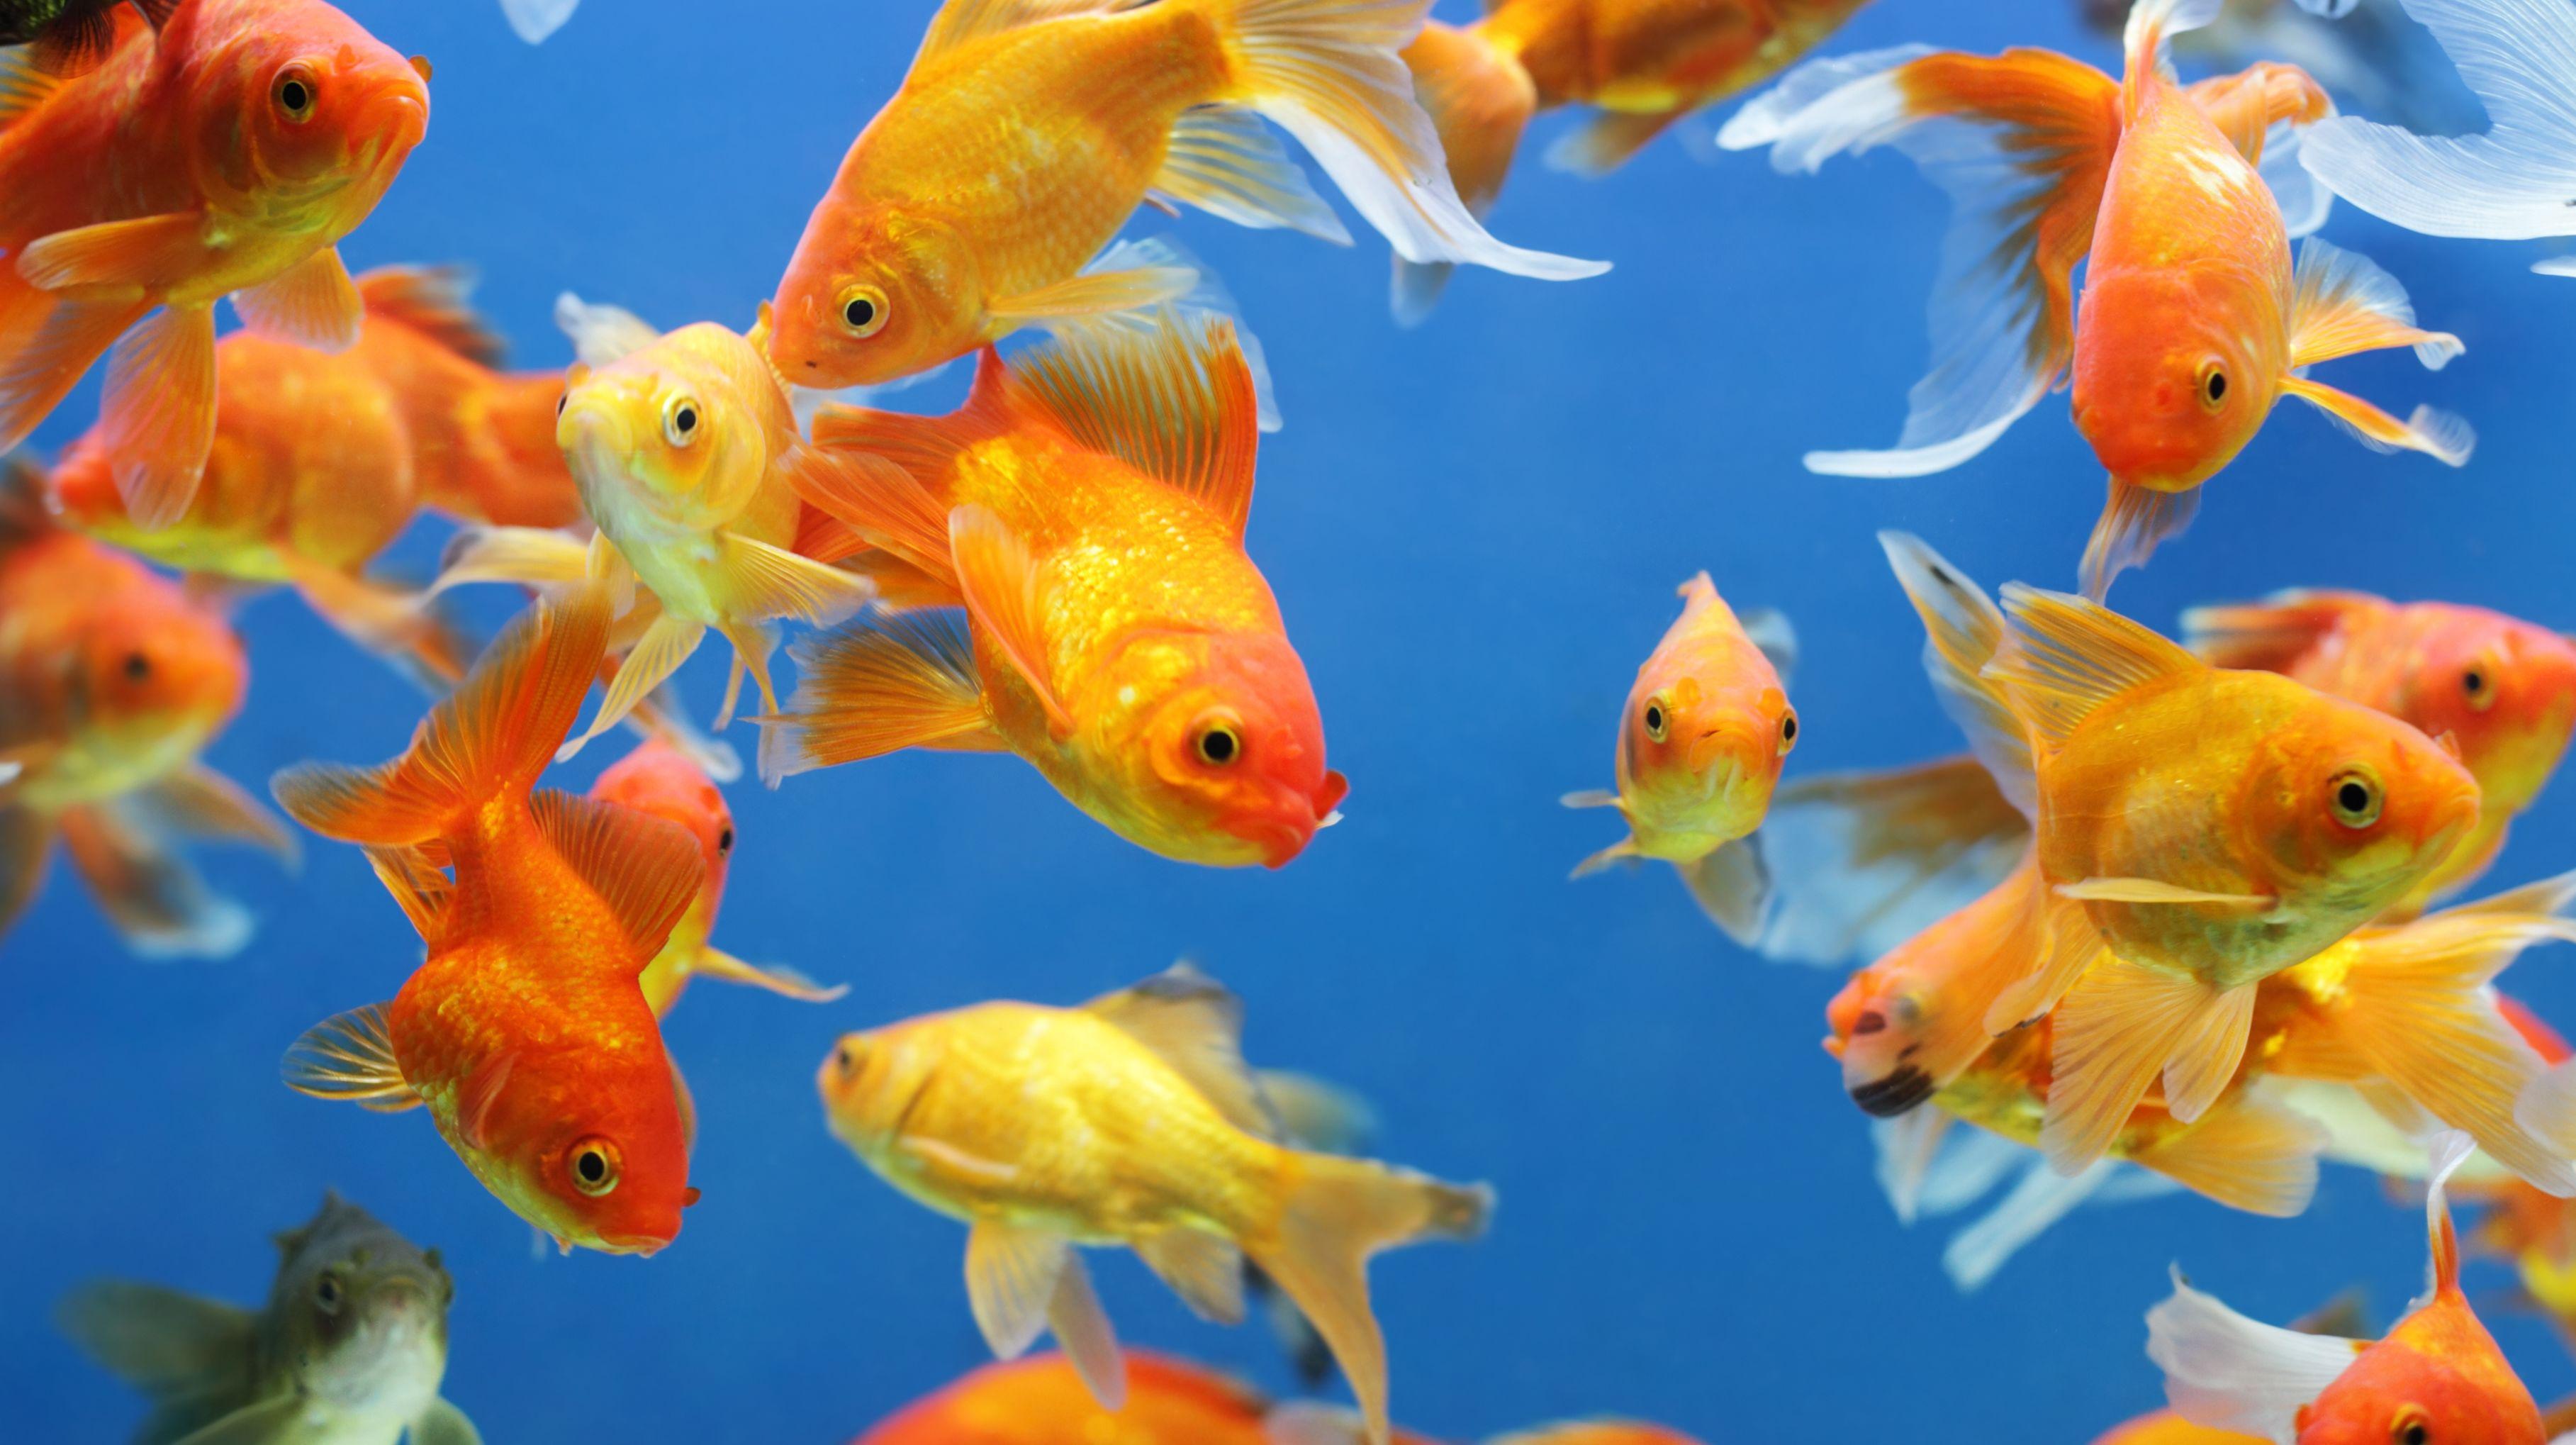 Картинки с аквариумными рыбками красивые его корневища